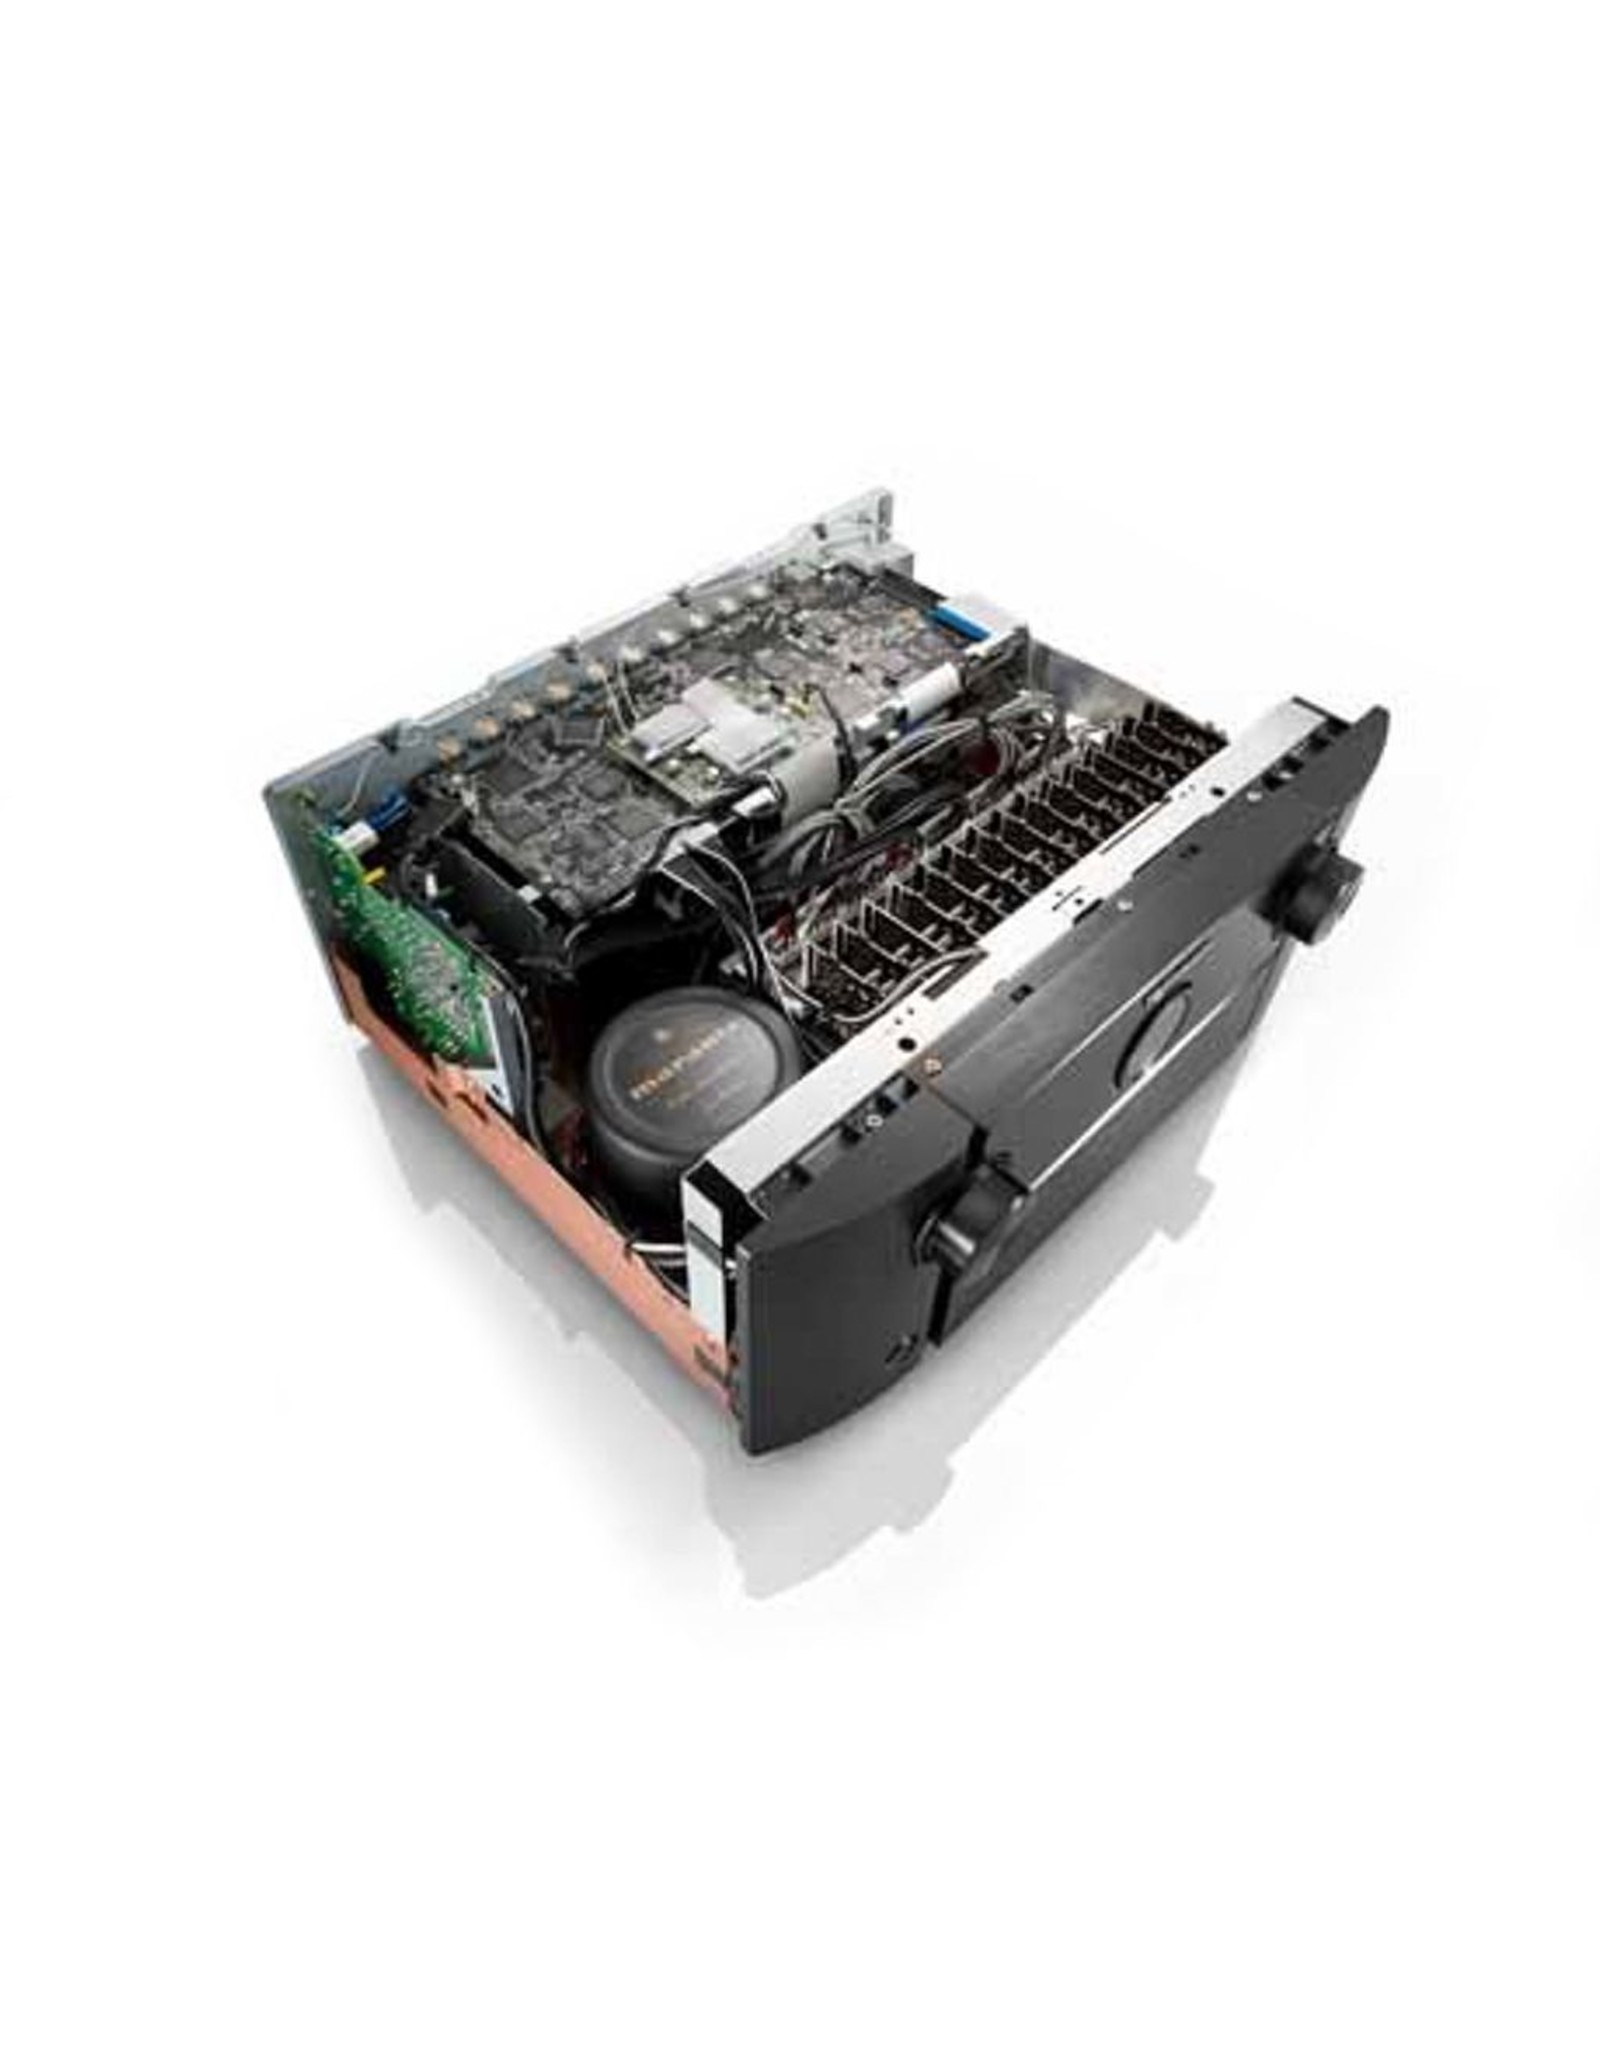 MARANTZ AV8805 AV Processor